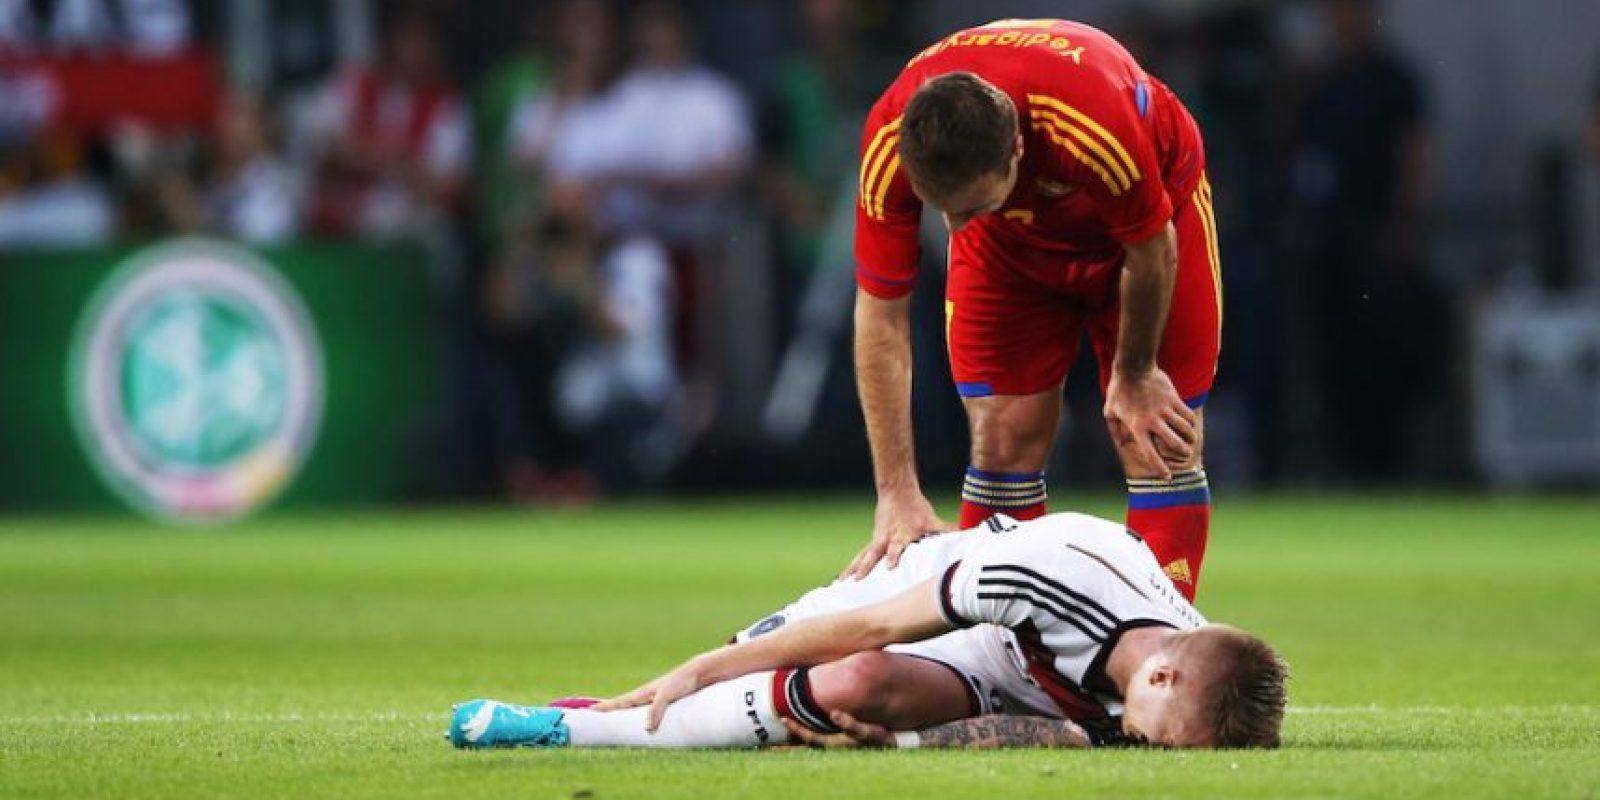 Representado al seleccionado alemán, Reus sufrió un desgarri parcial de un ligamento de la rodilla izquierda y una afectación en el talón. No pudo disputar la Copa del Mundo. Foto:Getty Images